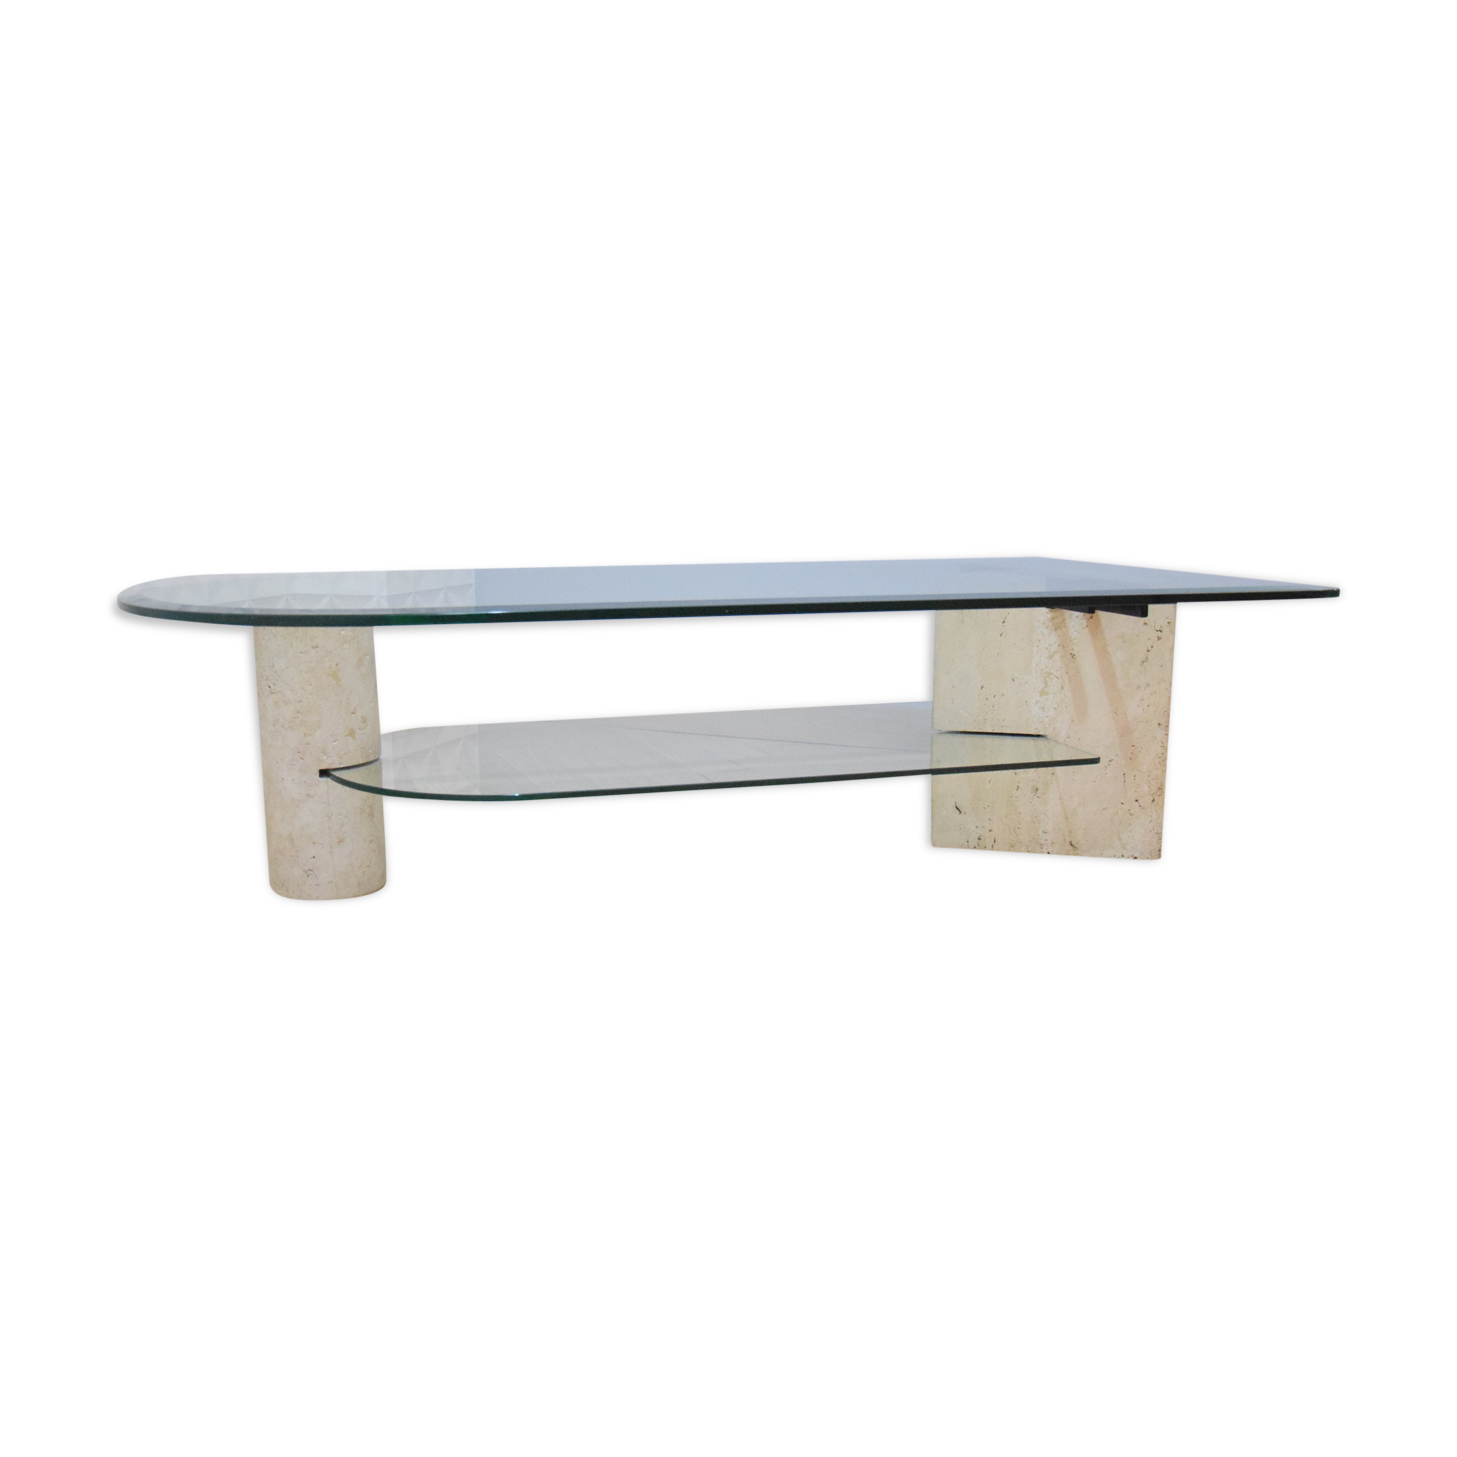 Table Basse En Verre Par Roche Bobois Des Années 70, 80